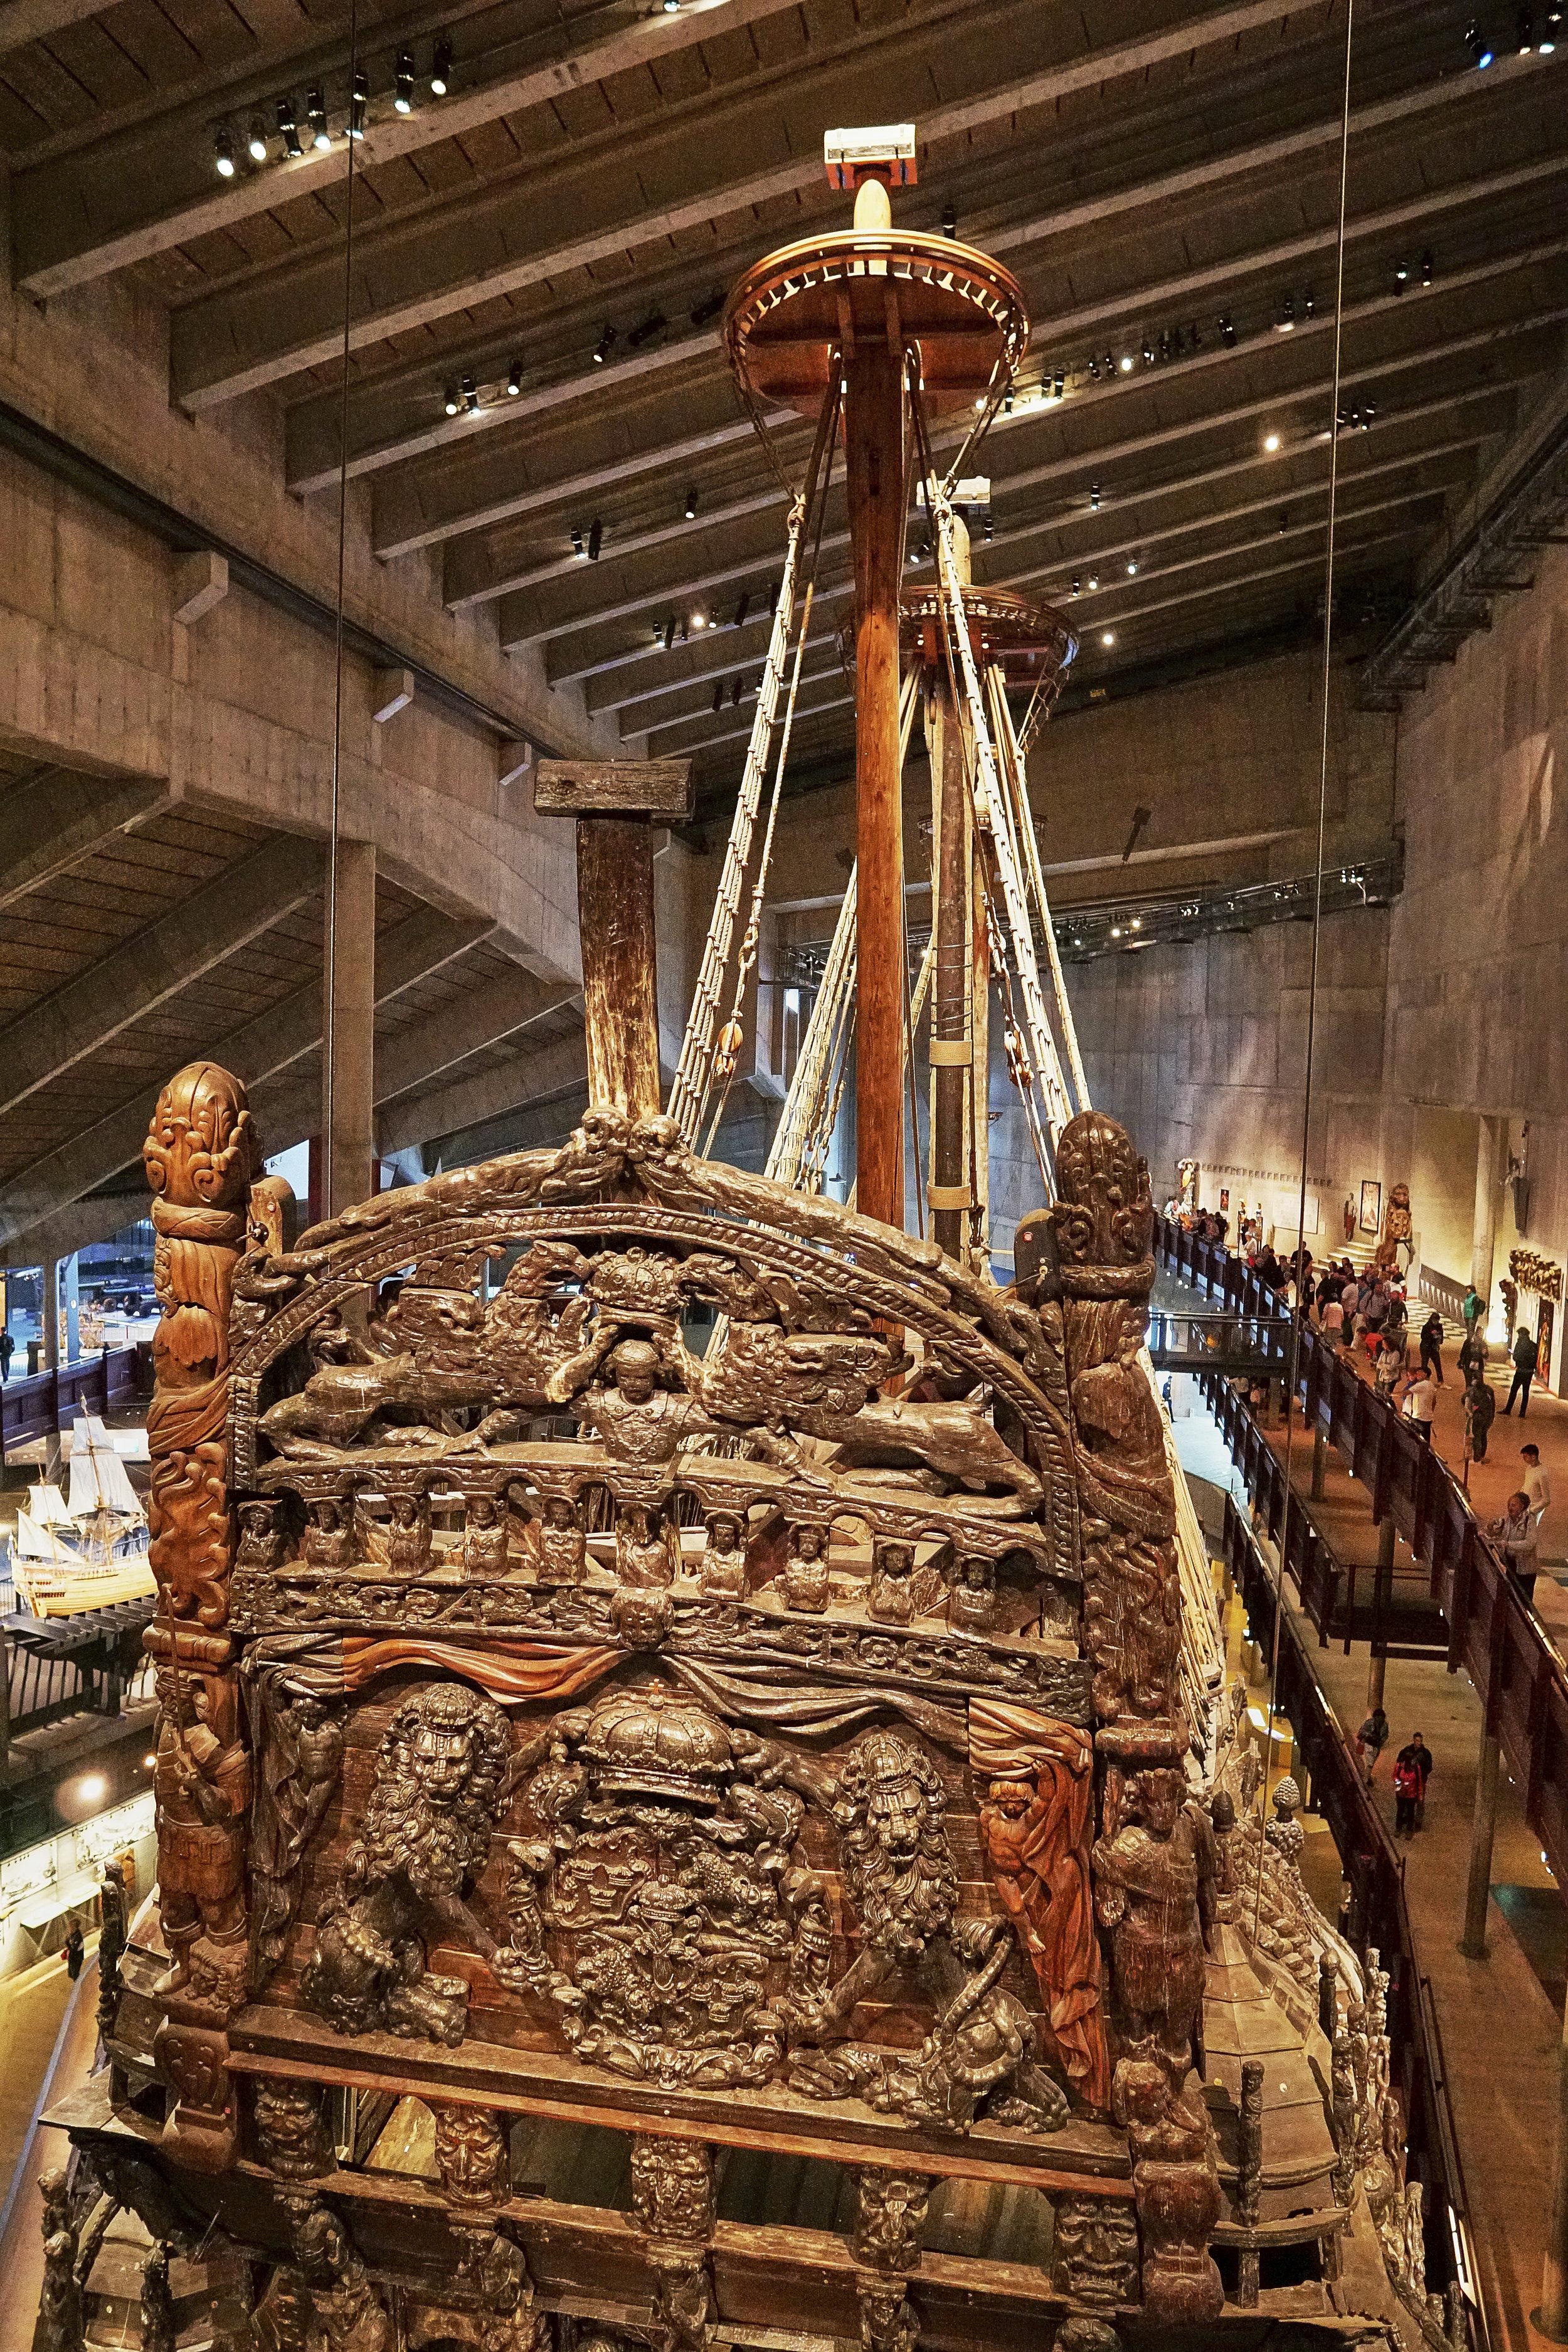 vasa museum 4.jpg